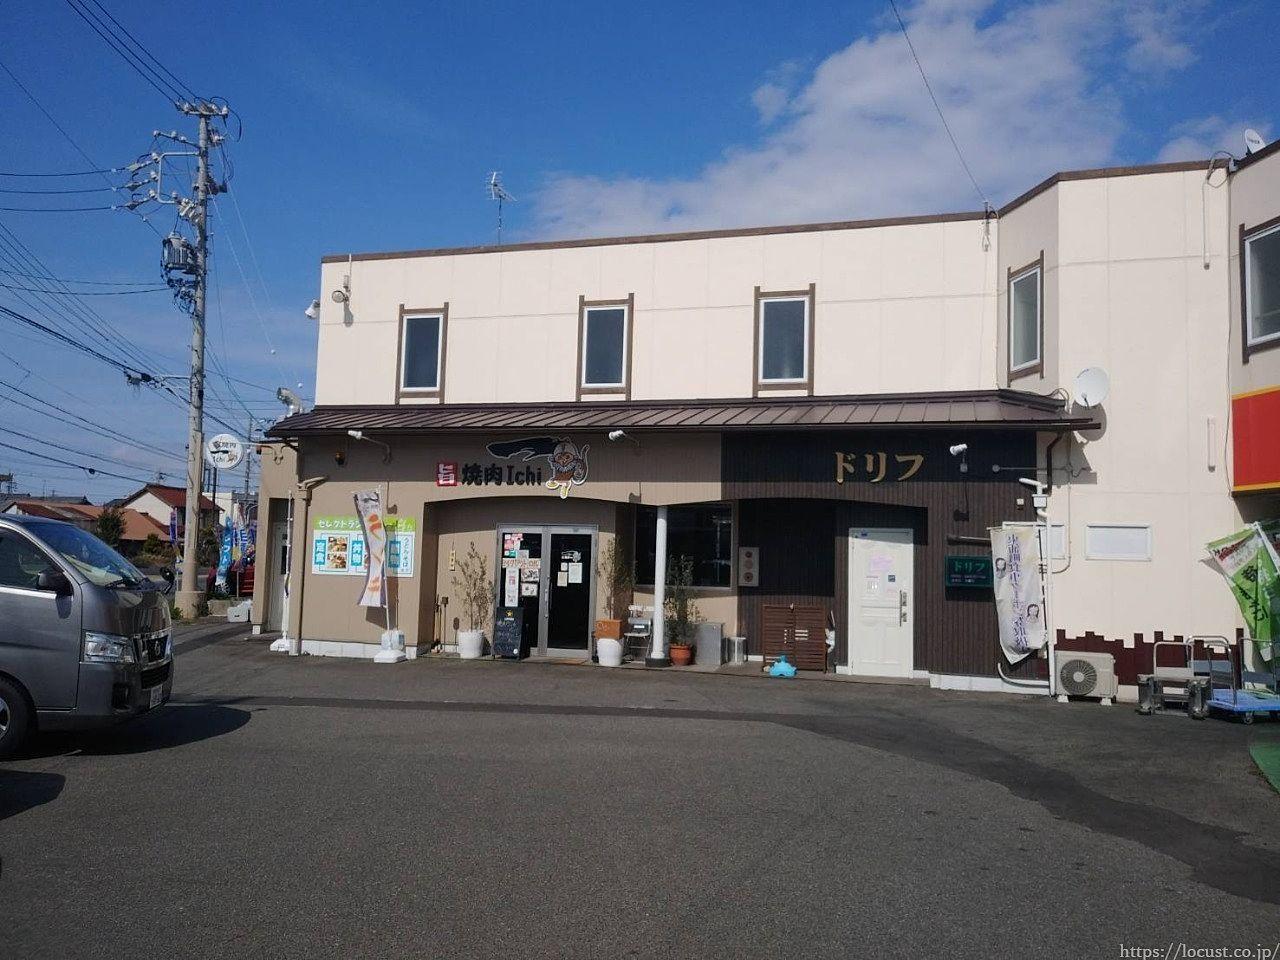 サッカーJリーグ開幕!がんばれ!名古屋グランパス!